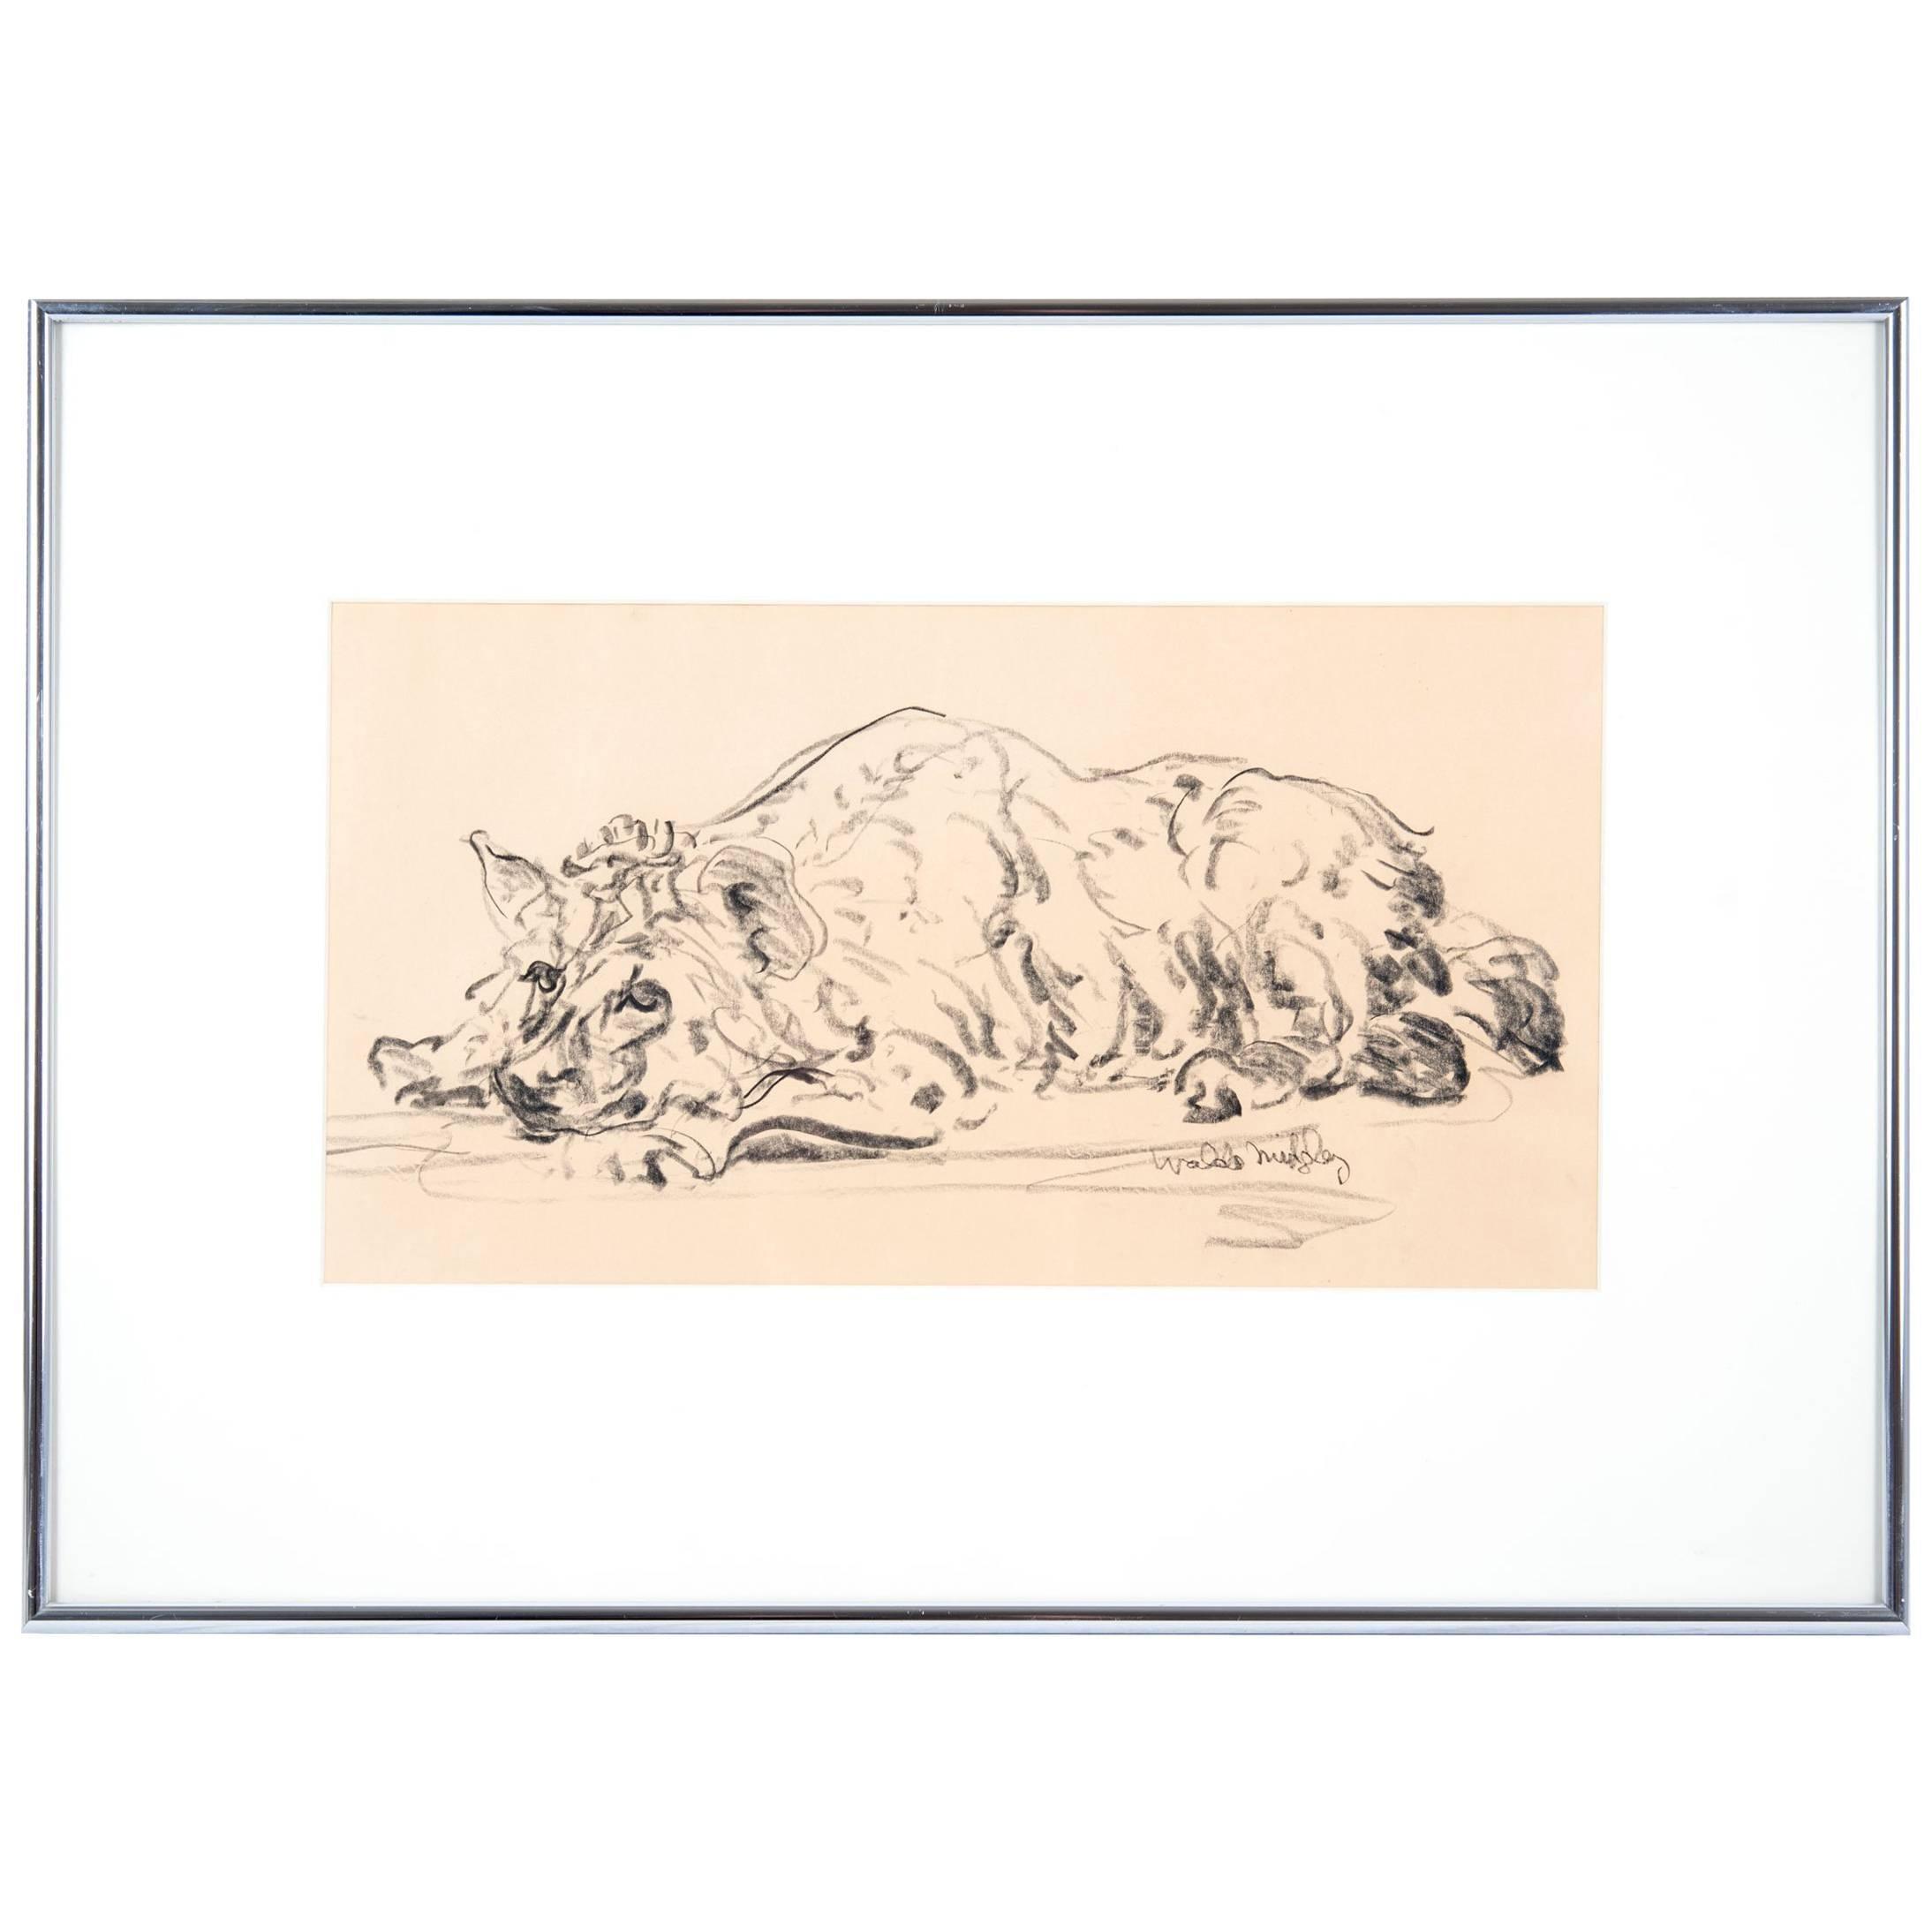 Hyena 1993 by Waldo Midgley